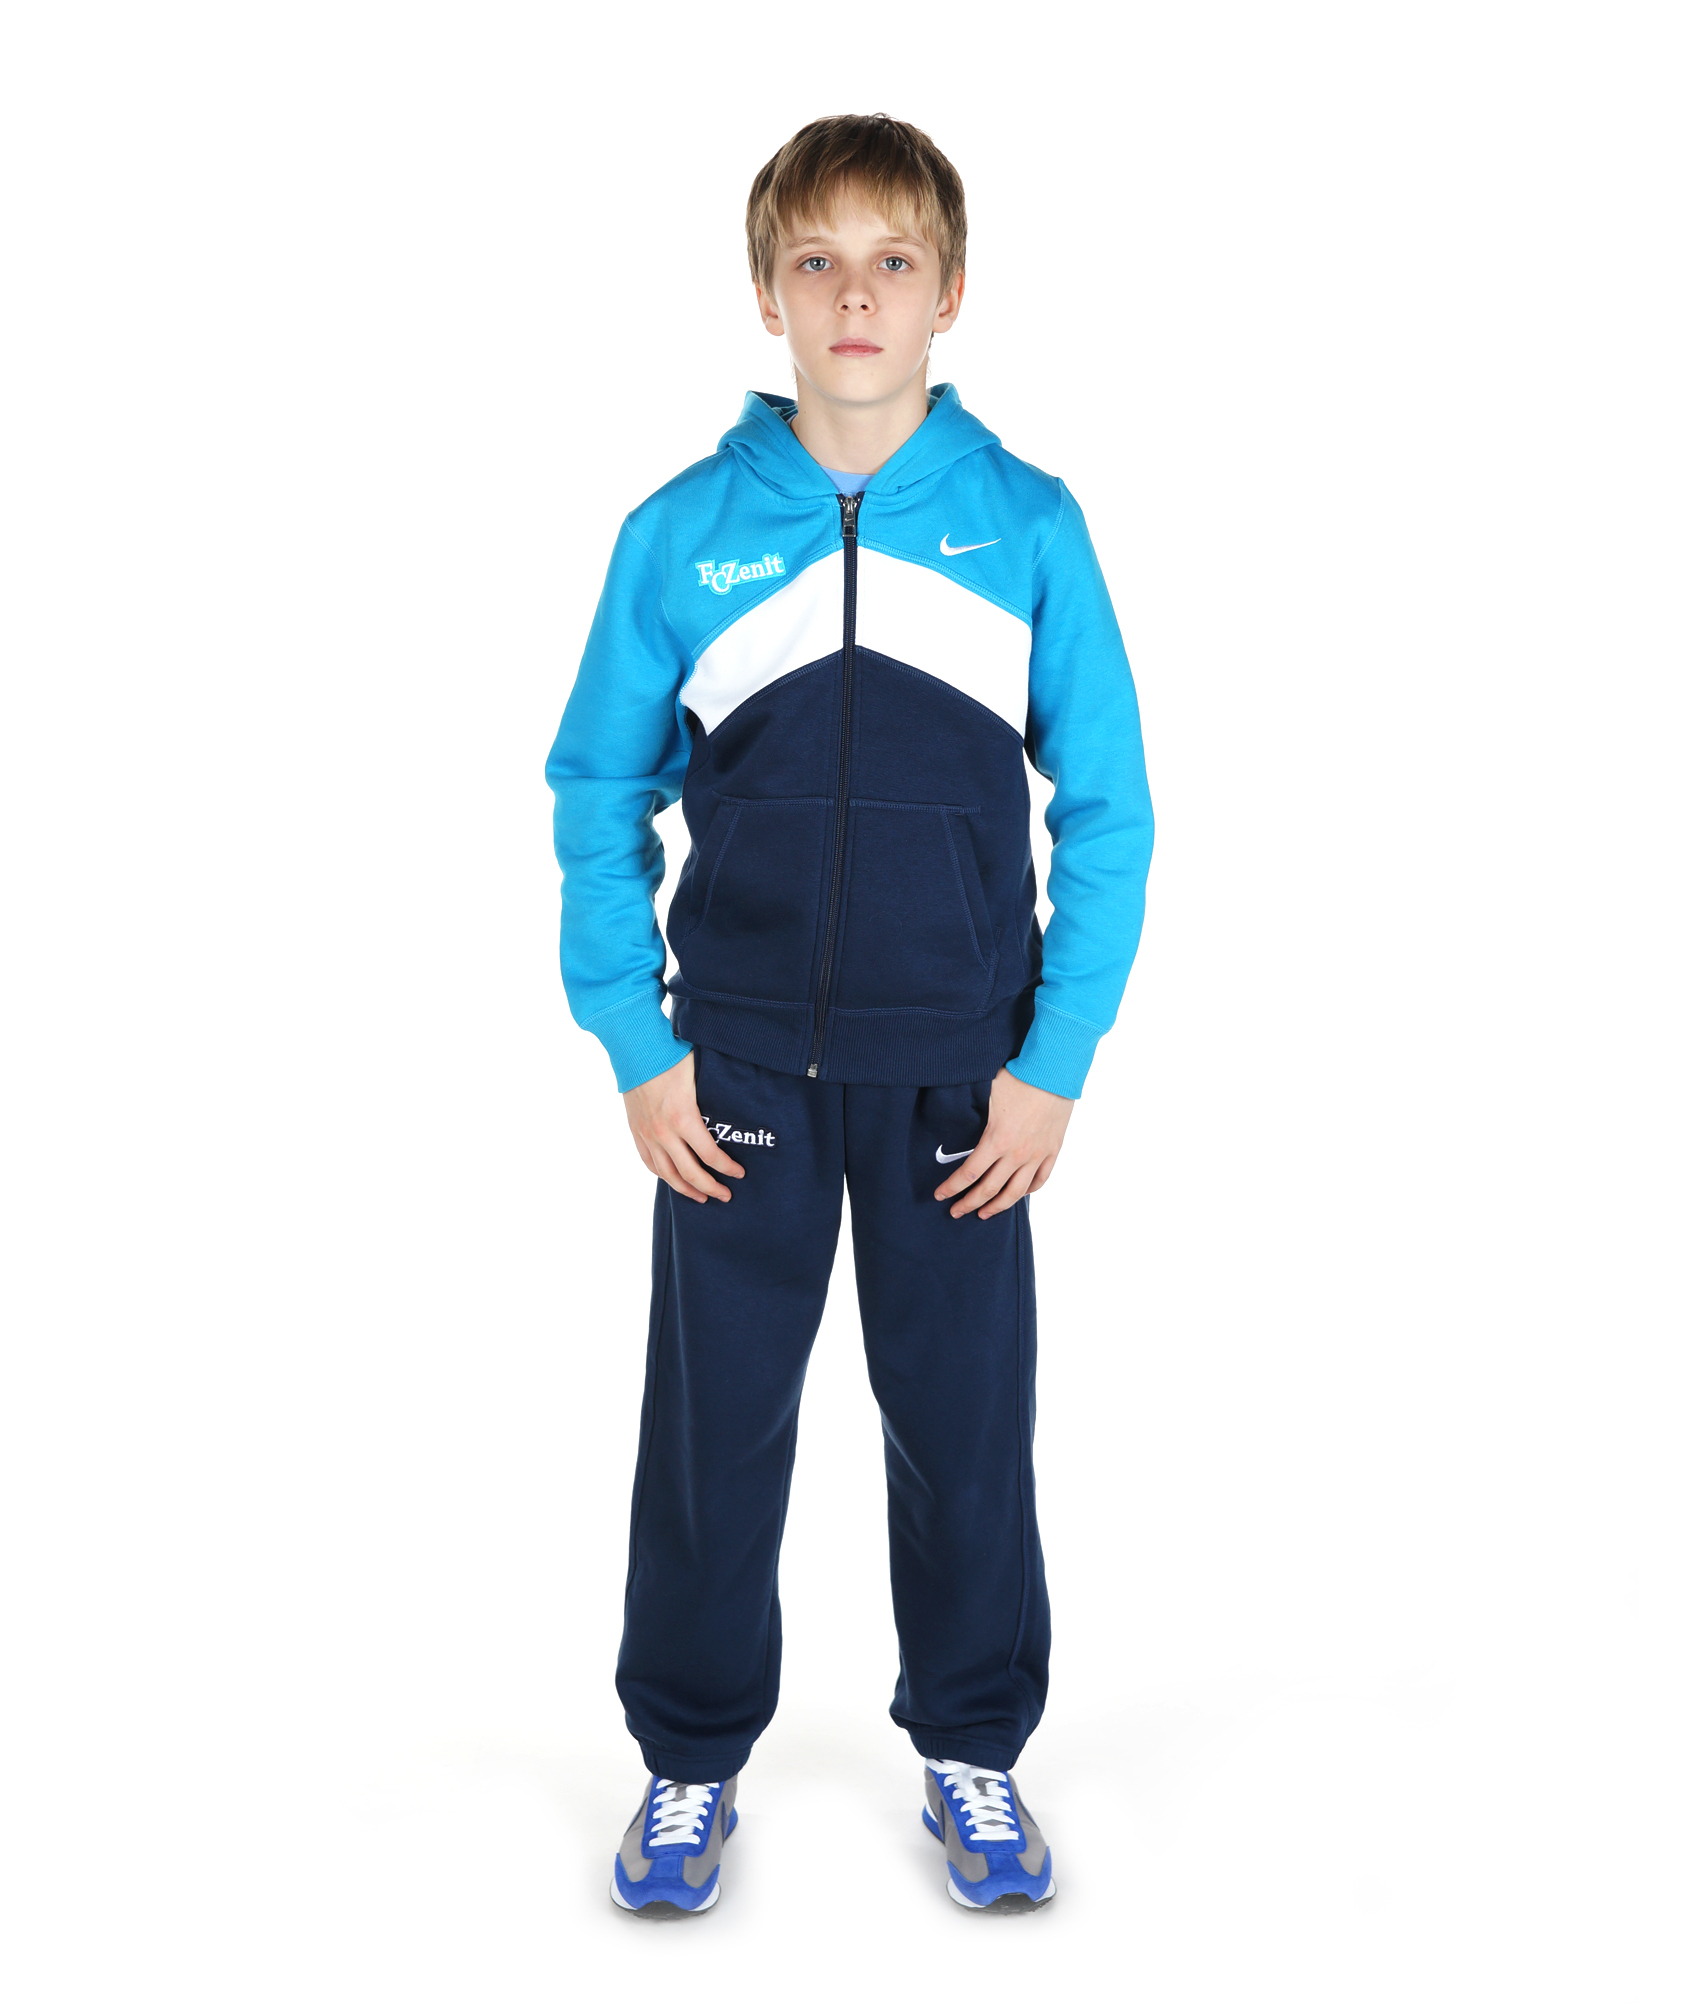 Подростковый спортивный костюм, Размер-L